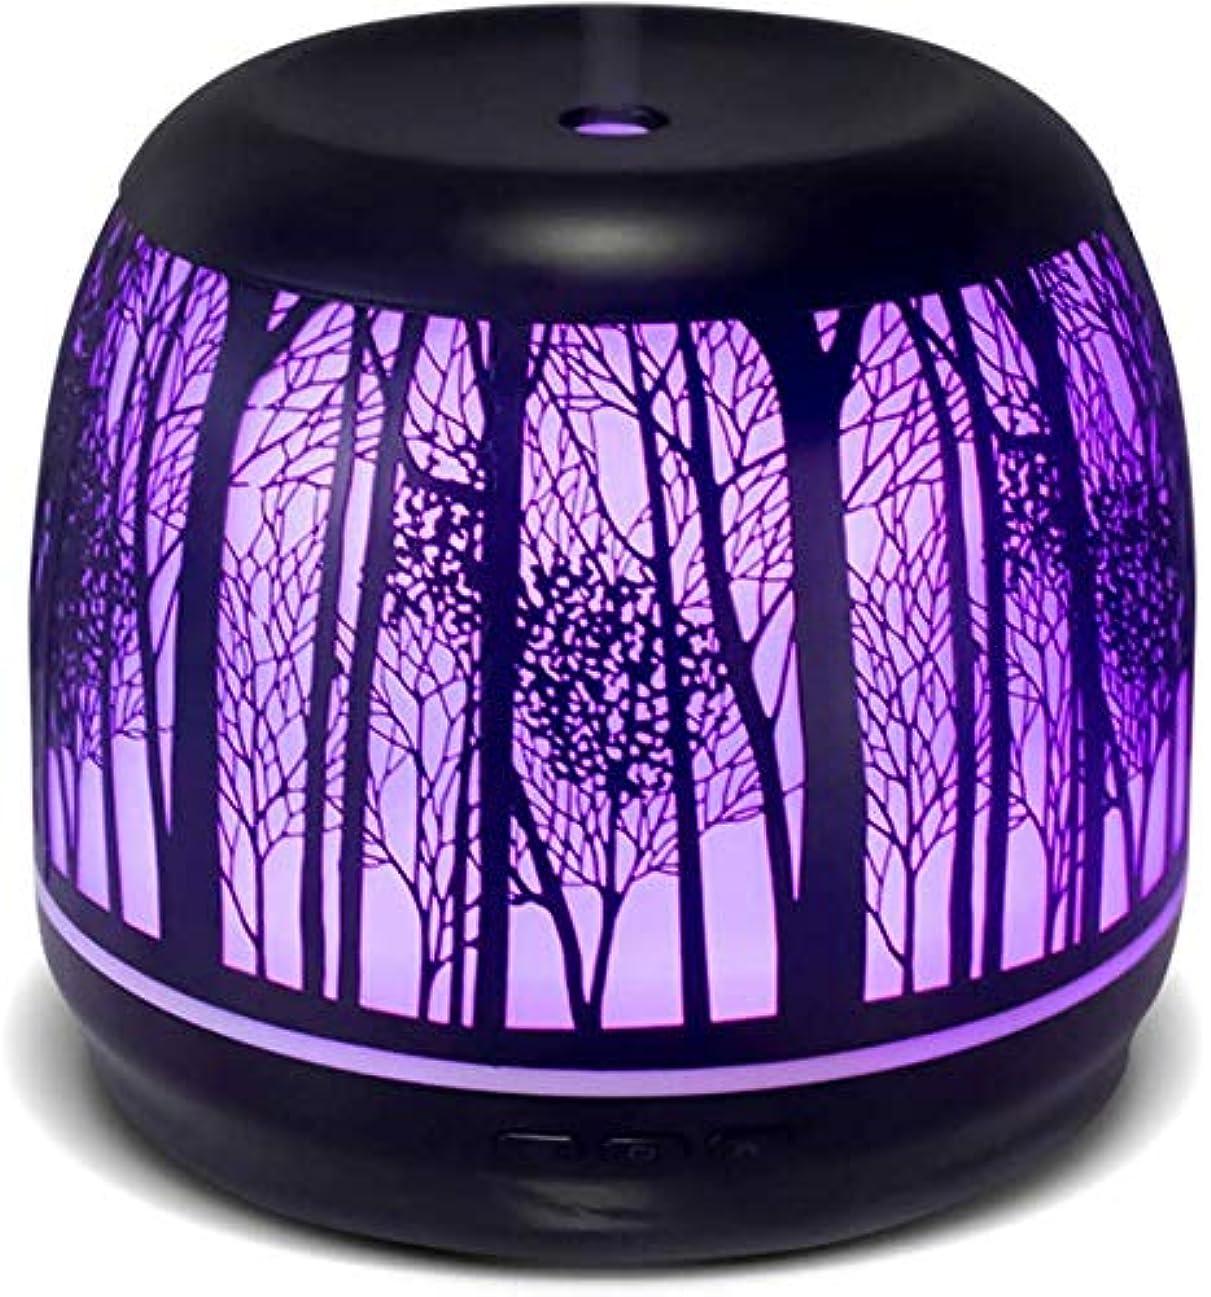 チラチラする余裕があるヨーグルトエッセンシャルオイル用ディフューザー、家庭、オフィス、キッチン、ベビールーム用の大容量500mL水タンク付きプレミアムアイロンアロマセラピーディフューザー7色LEDライト付き超音波加湿器